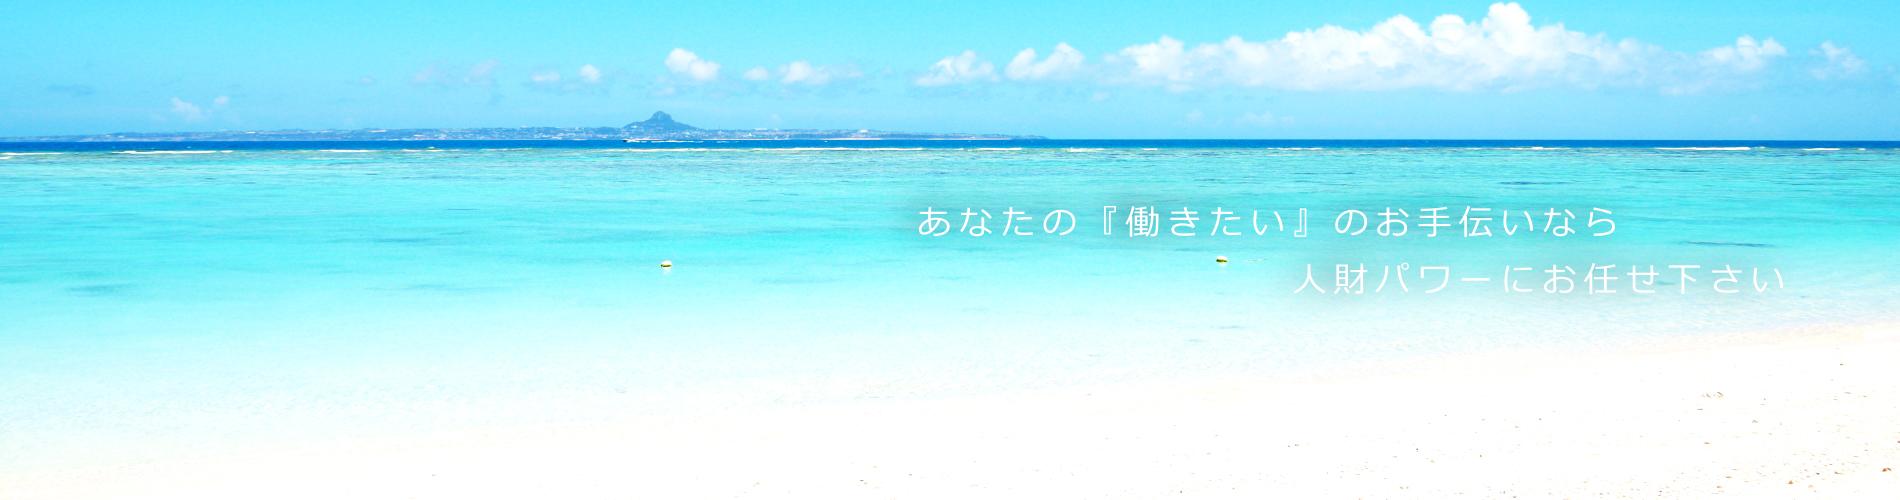 沖縄で派遣・人材紹介、仕事情報を探すなら人財パワー